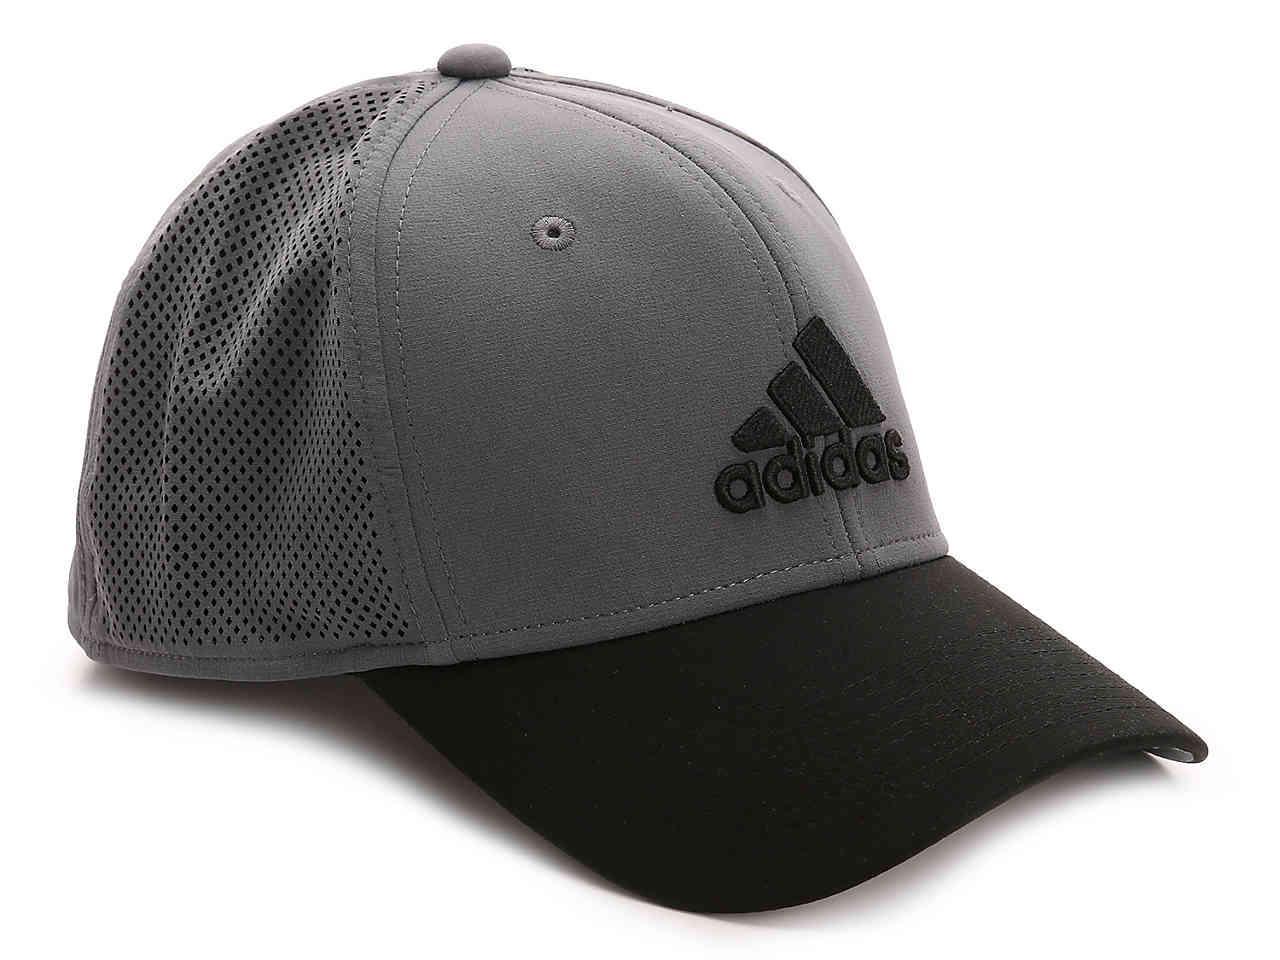 e8633d6d08a Lyst - adidas Adizero Scrimmage Baseball Cap in Gray for Men